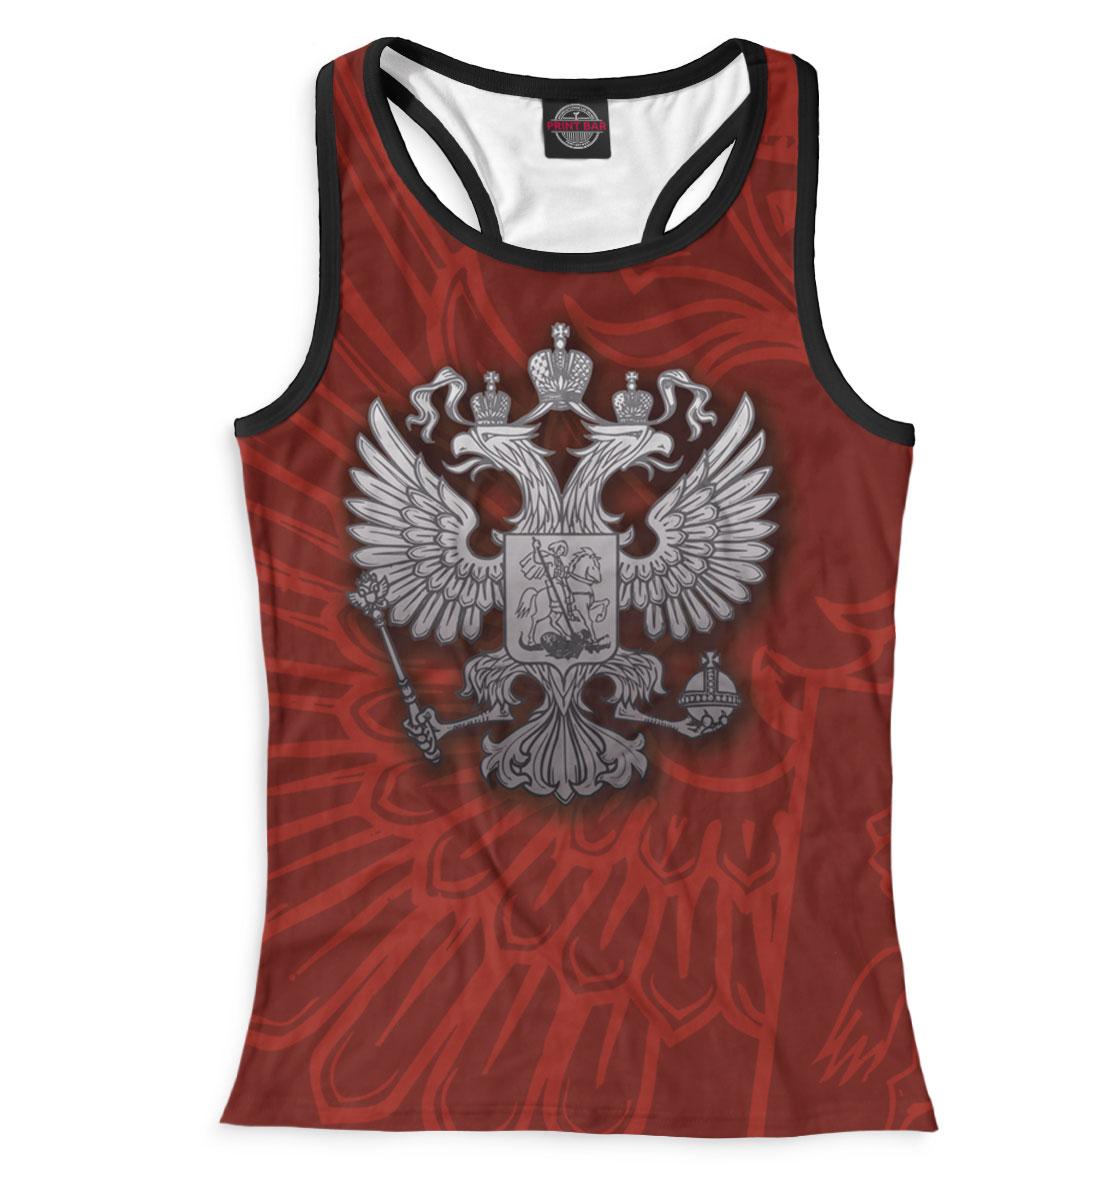 Купить Женская майка-борцовка Двуглавый орел SRF-616990-mayb-1